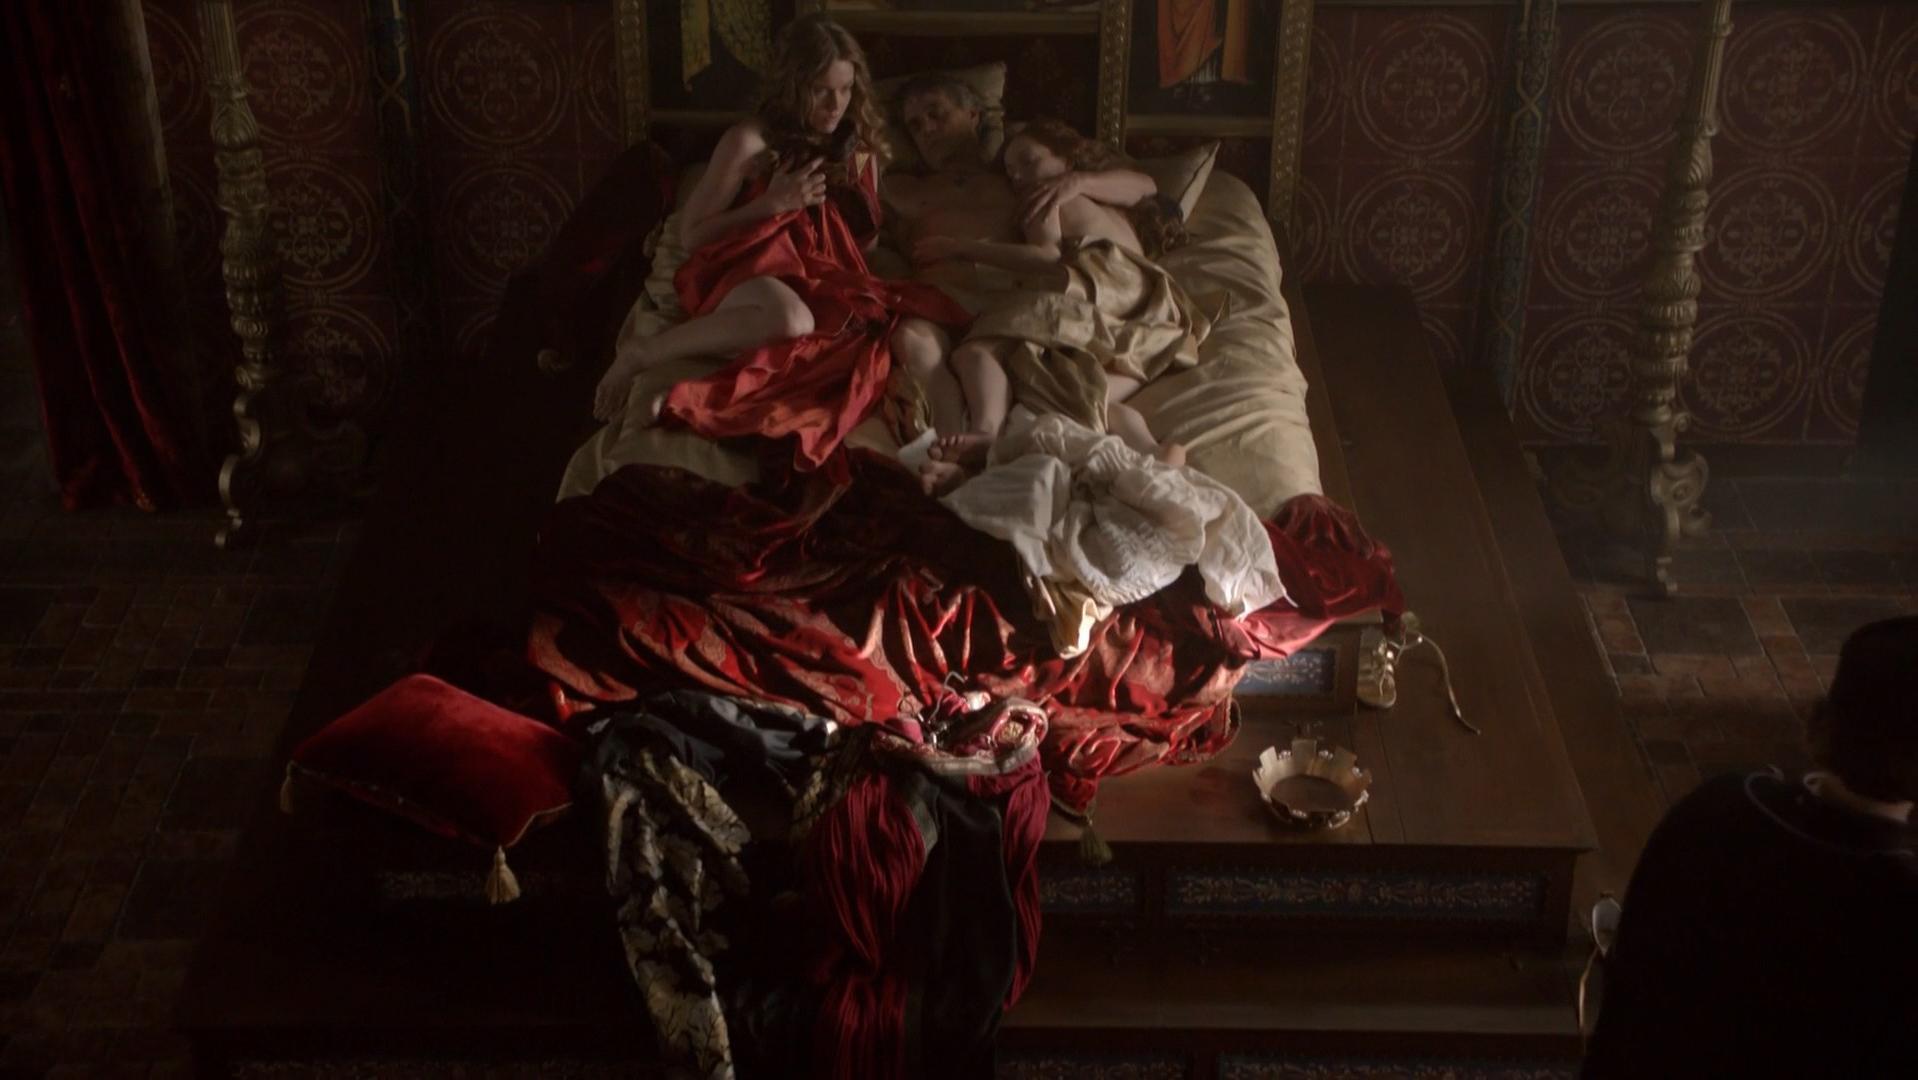 Jemima Westg nude - The Borgias s02e01-02 (2012)